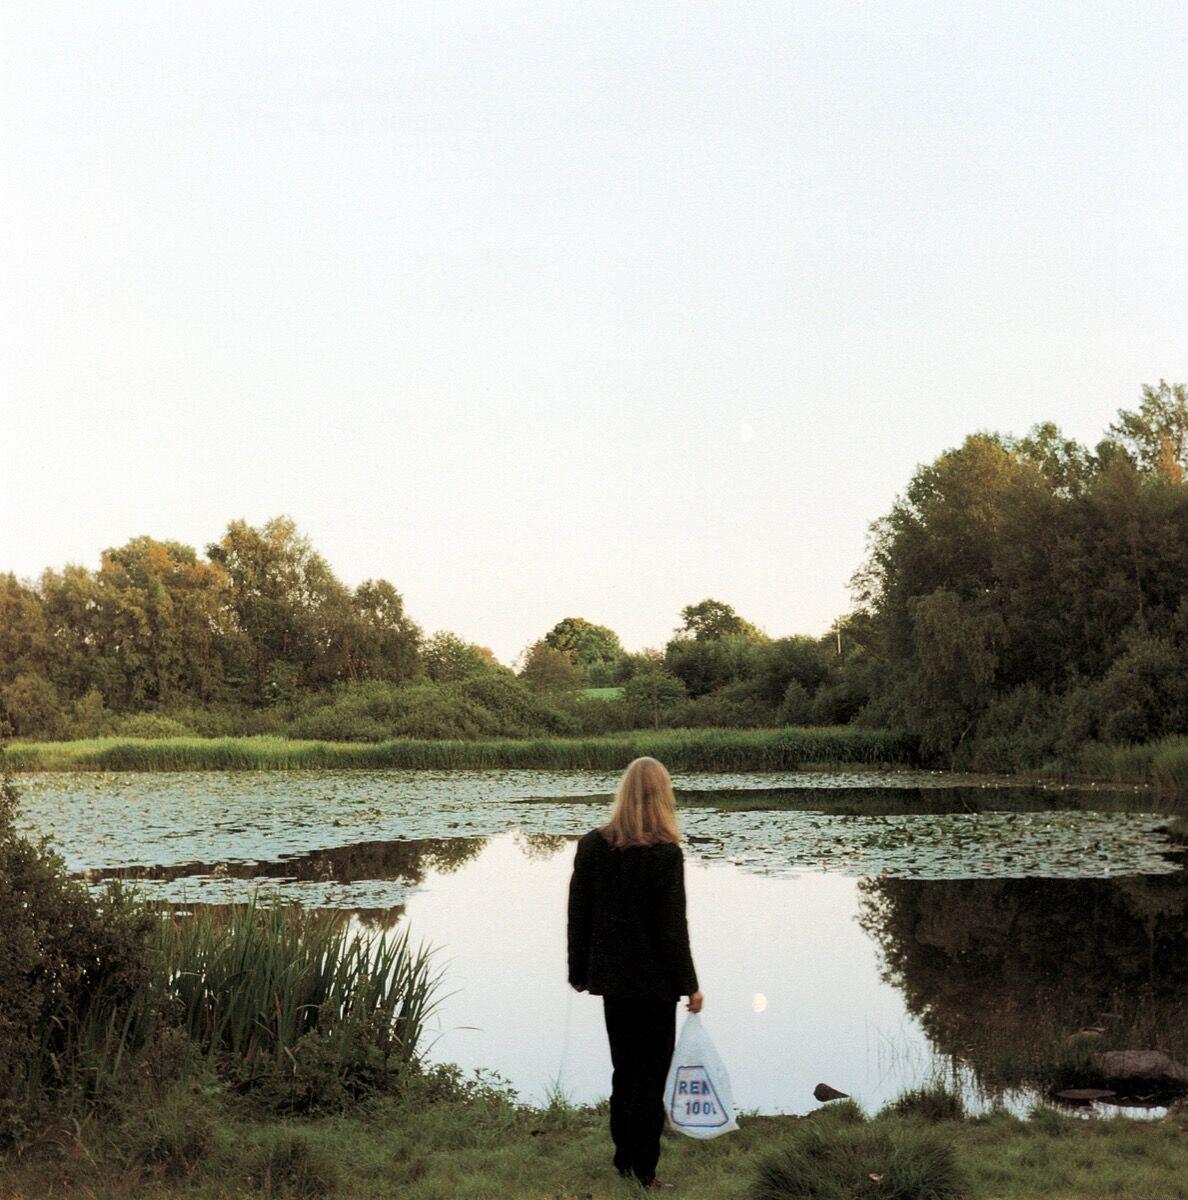 Torbjørn Rødland, In a Norwegian Landscape 5, 1993. Courtesy of STANDARD (OSLO).